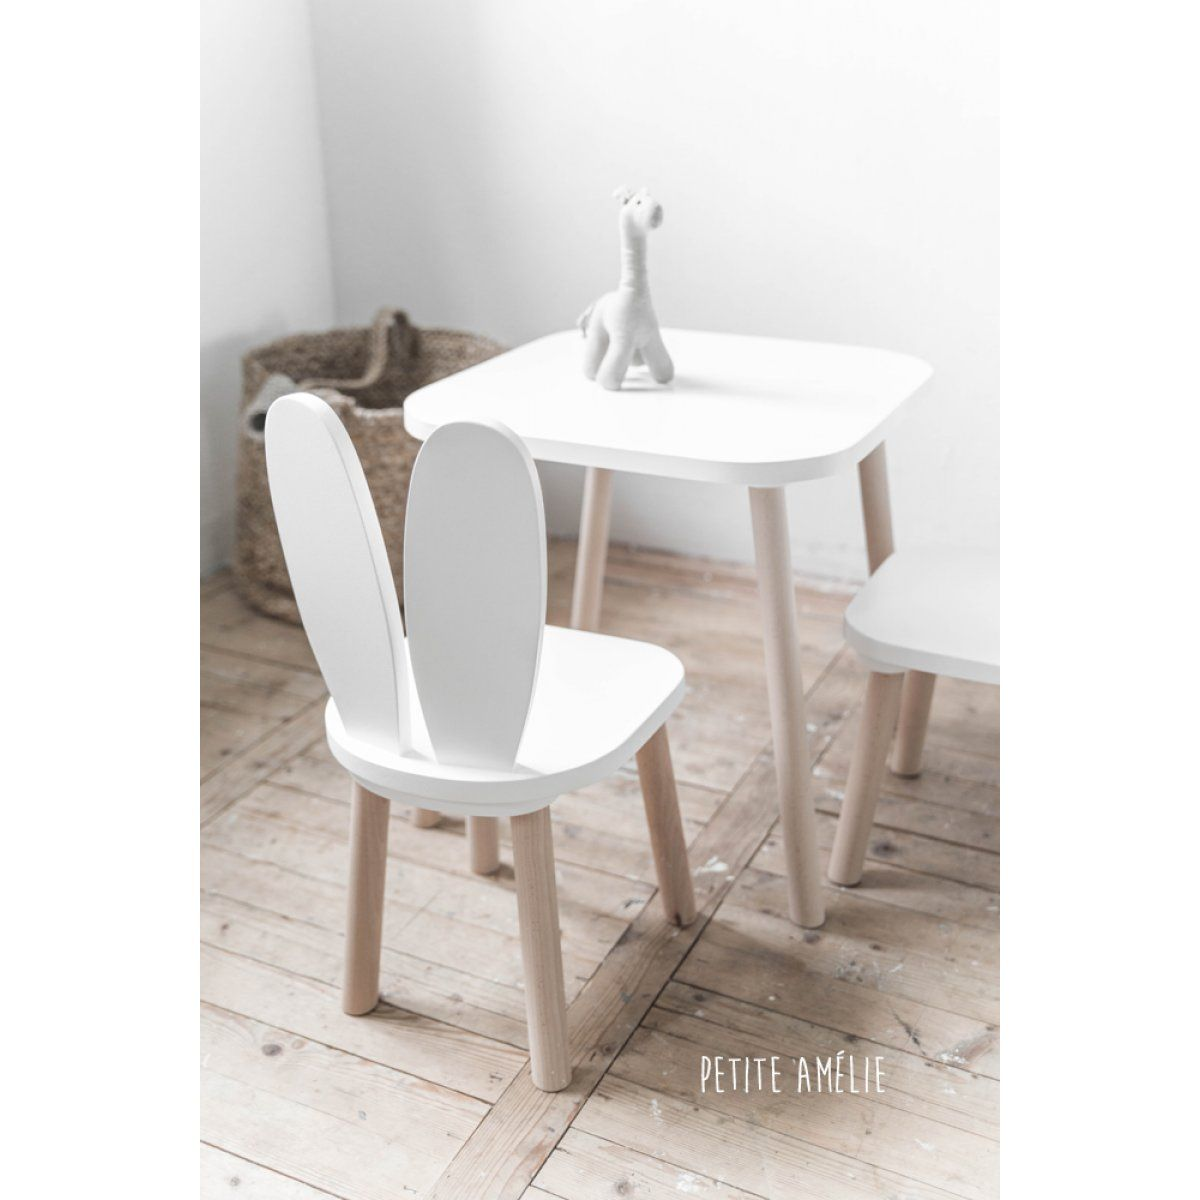 chaises et table enfant lapin blanc petite am lie chaise. Black Bedroom Furniture Sets. Home Design Ideas